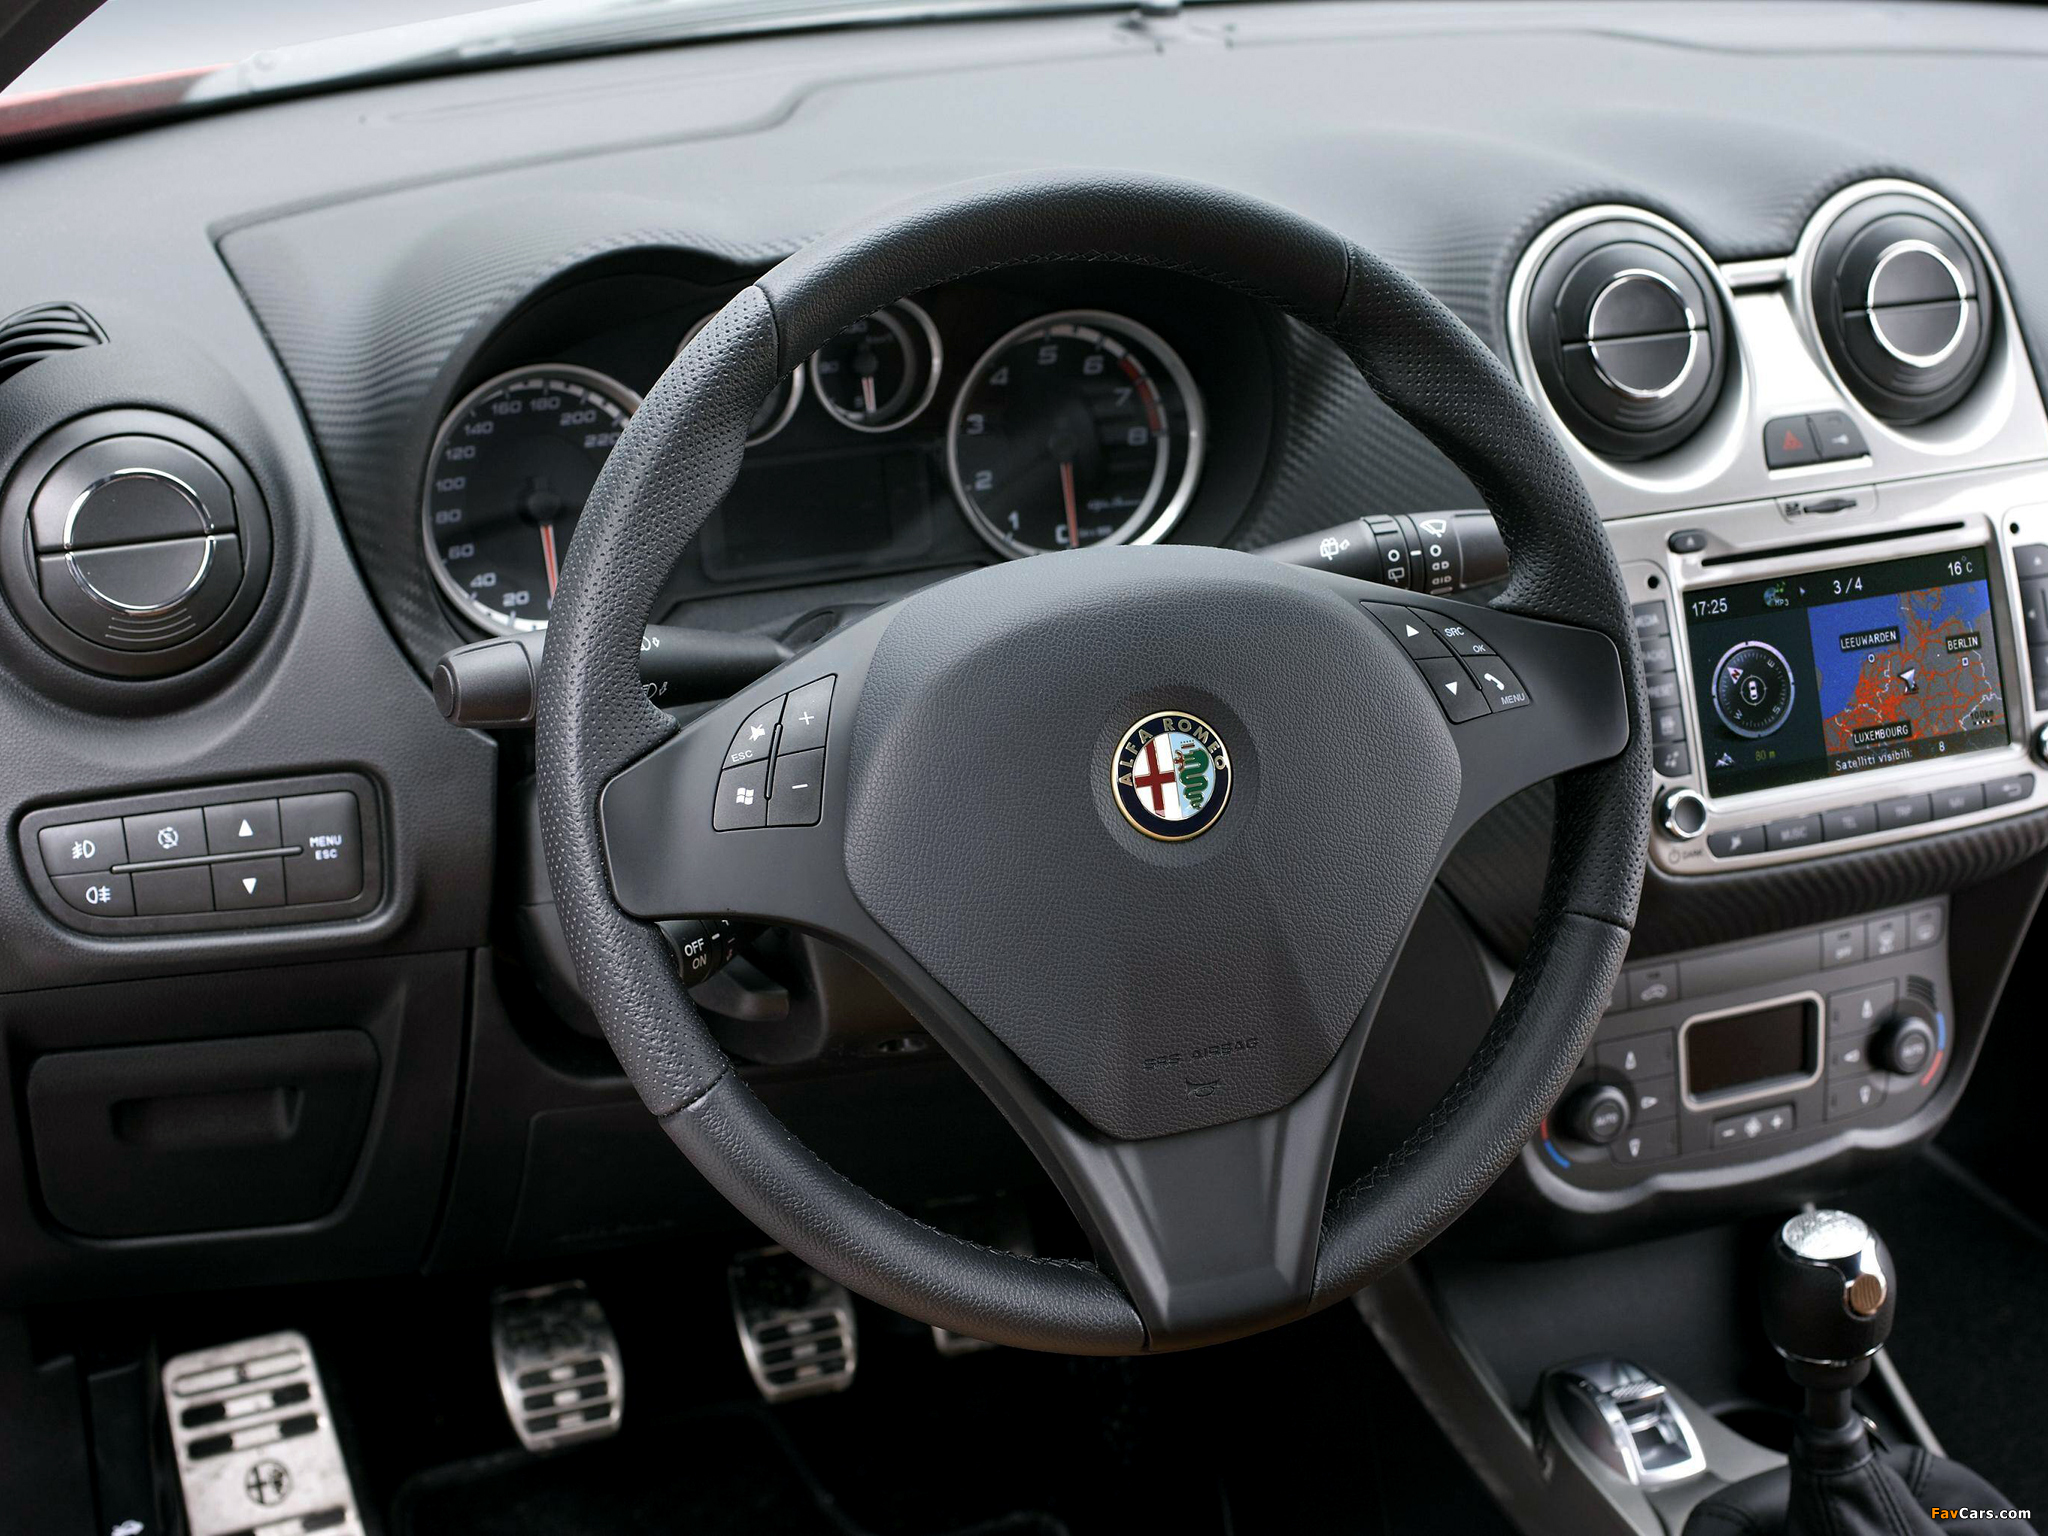 Alfa Romeo Giulia Quadrifoglio 2016 Photo 03 as well Alfa Romeo 145 moreover 790042 in addition Alfa Giulia Frankfurt Ex 1 additionally Photos Alfa Romeo Mito Quadrifoglio Verde 955 2009 2011 144085. on alfa romeo quadrifoglio